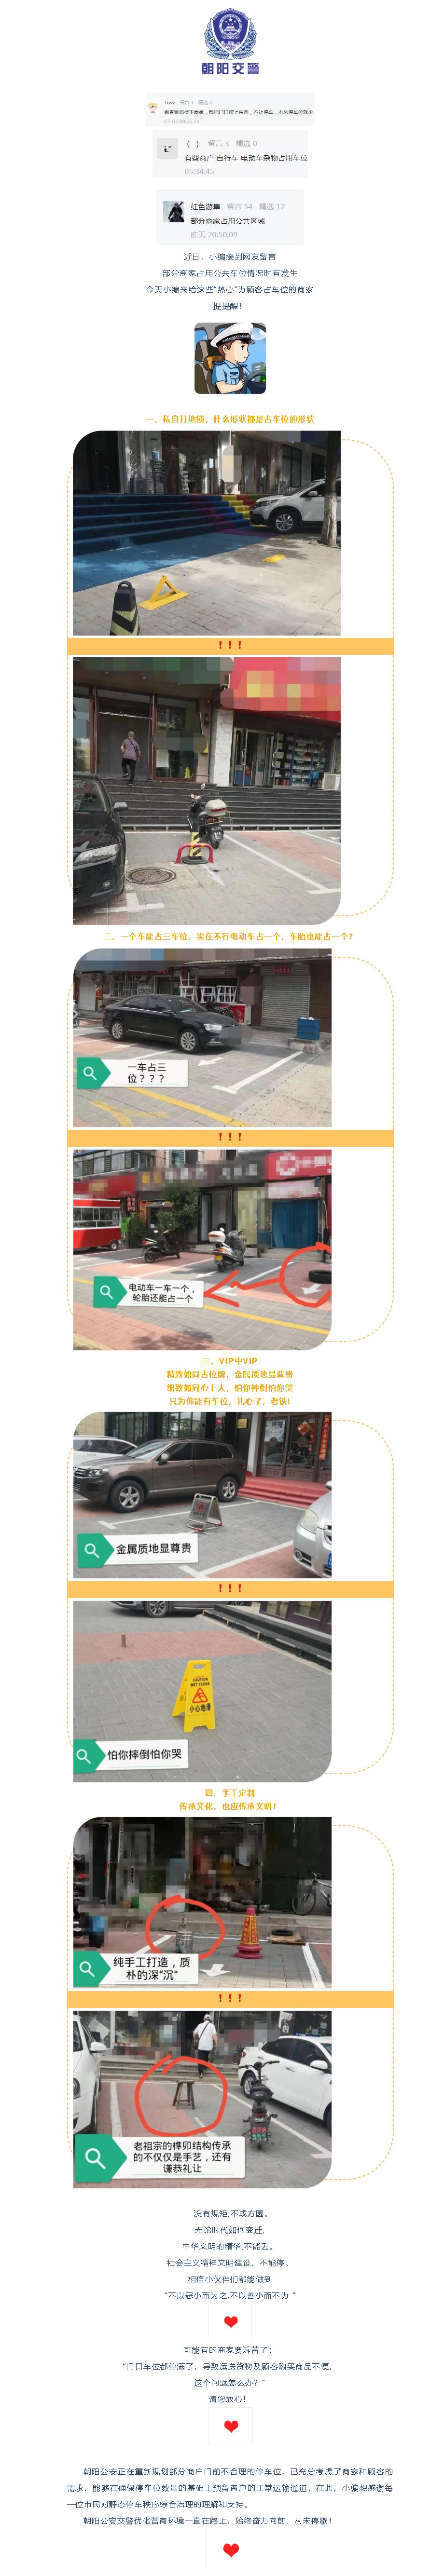 【交通】靜態停車秩序綜合治理進行時丨私占公共車位大曝光!.png